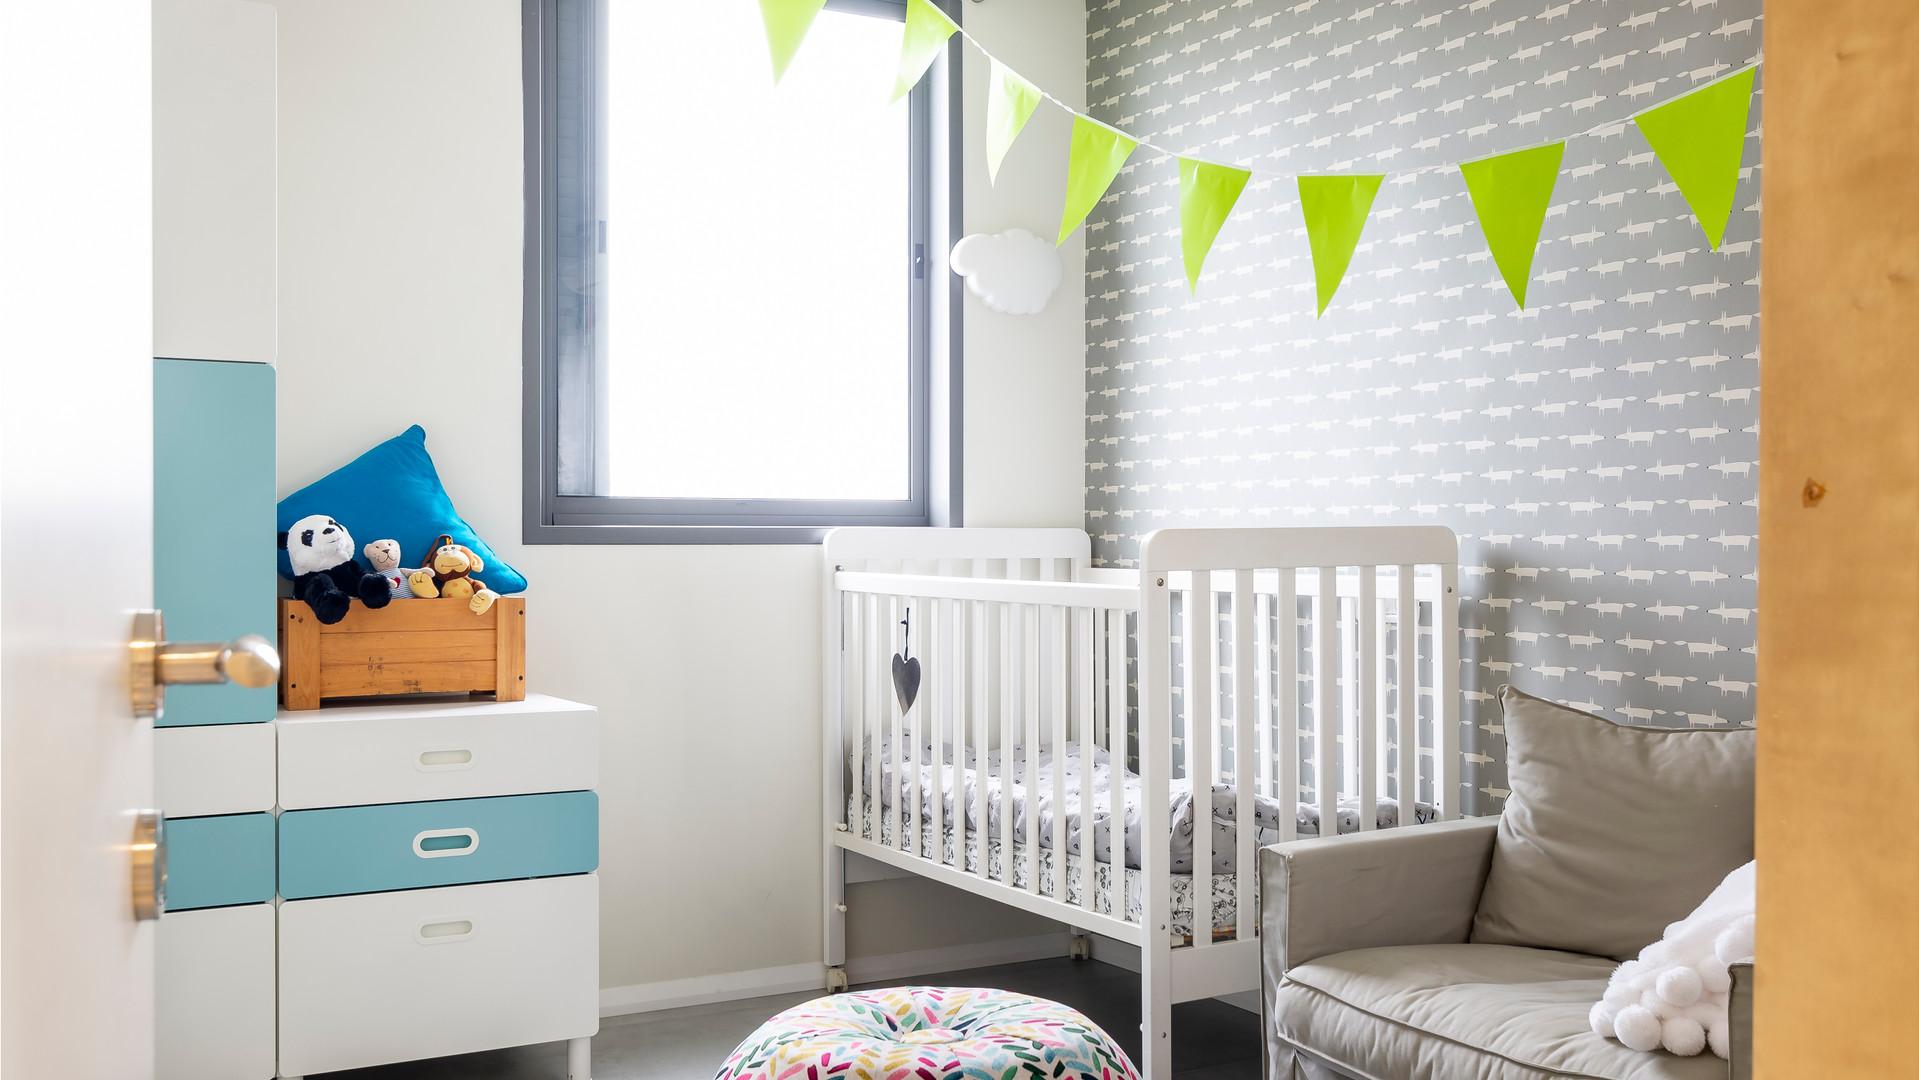 חדר ילדים- מבט כללי